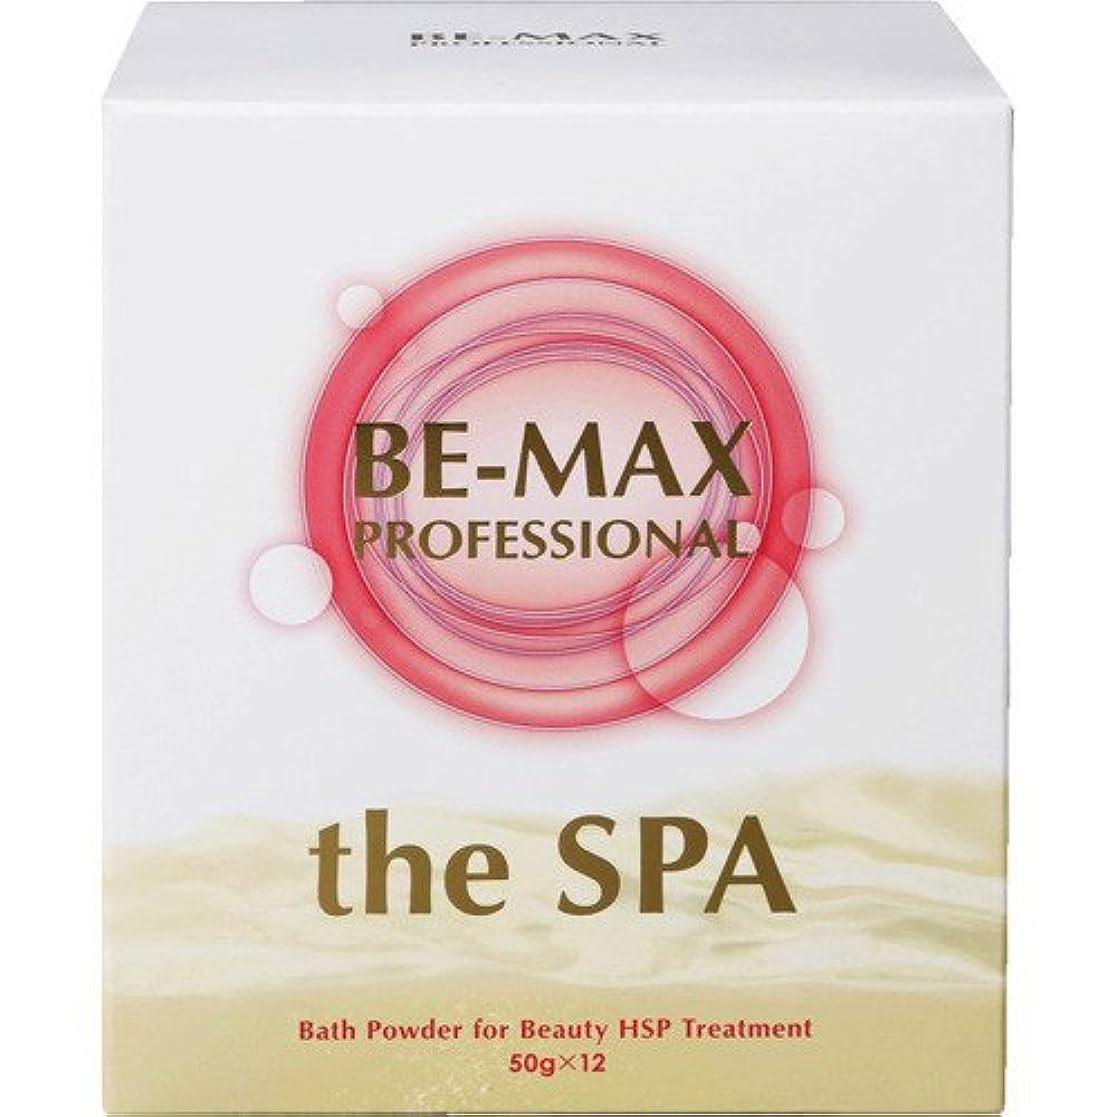 母性手人に関する限りBE-MAX PROFESSIONAL the SPA(ザ?スパ) ビーマックスプロフェッショナル ザ?スパ バスパウダー 50gx12包 (4571132621587)